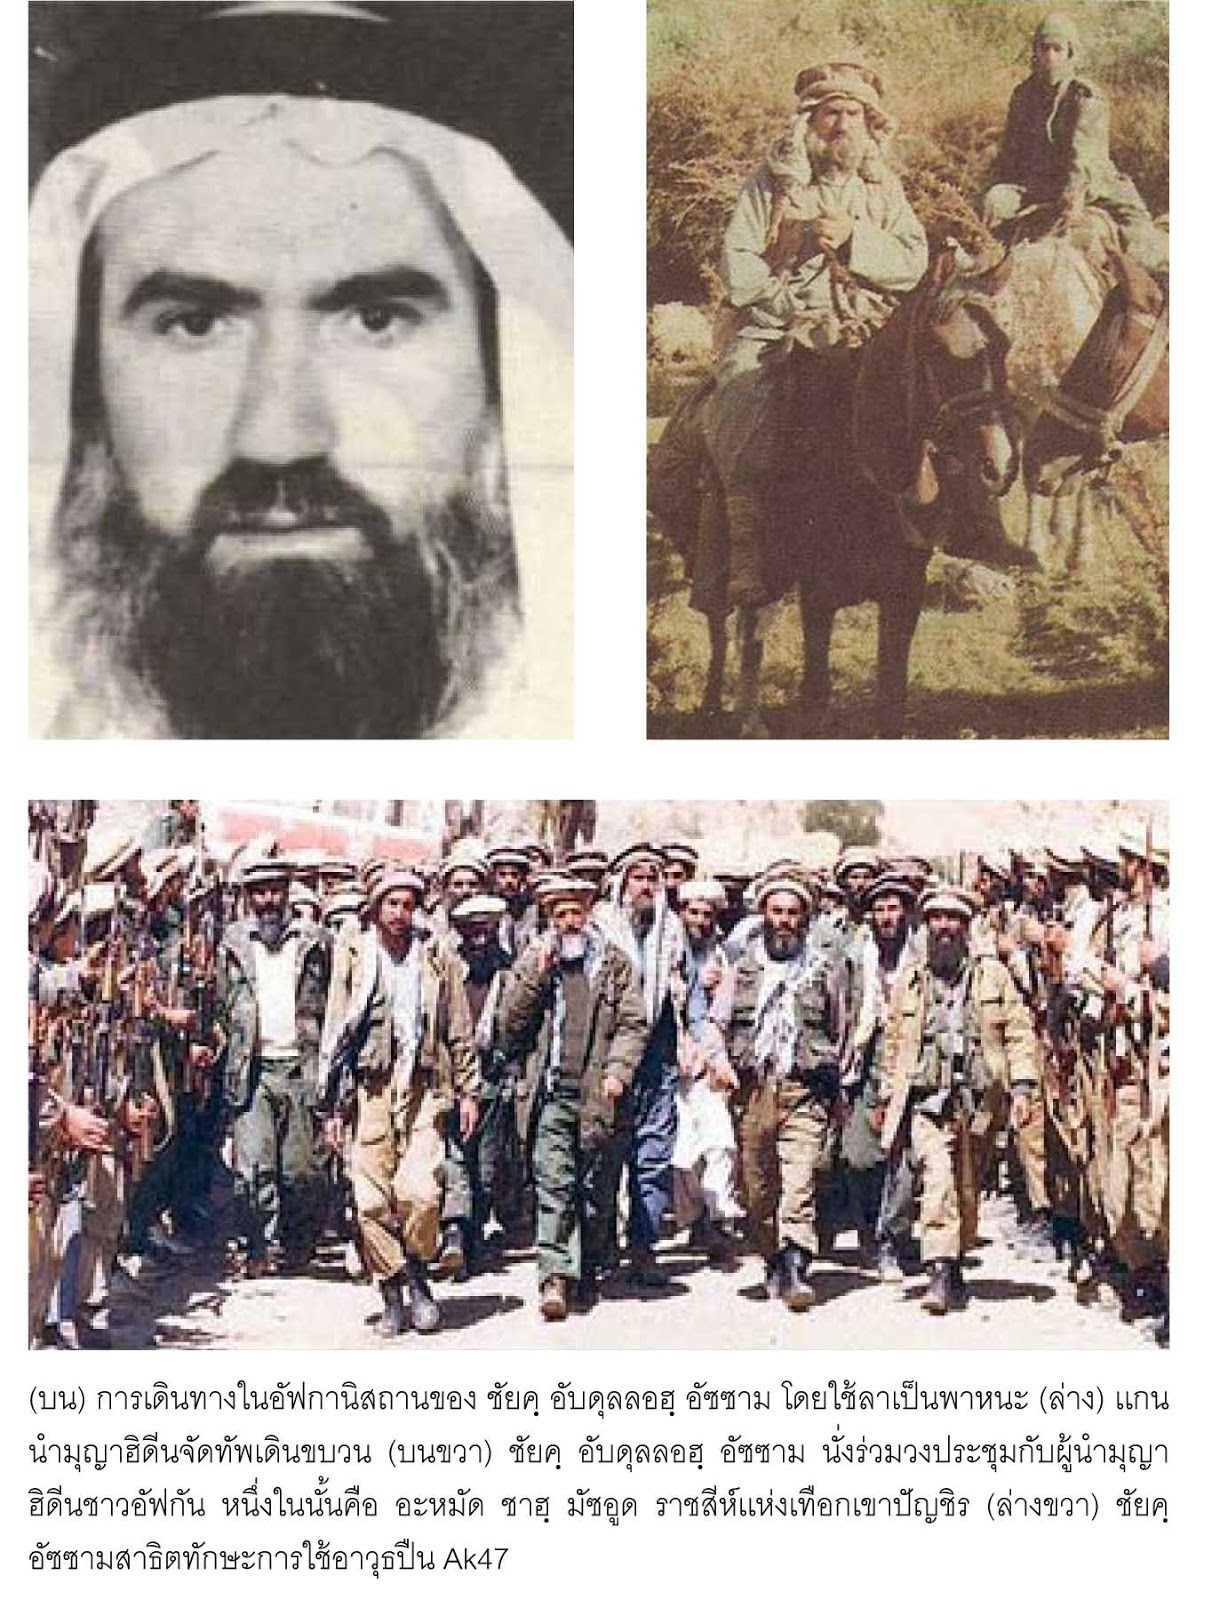 หีเด็ก10ขวบ ชัยคฺอัซซาม มีอิทธิพลต่อการญิฮาดในอัฟกานิสถานเป็นอย่างมาก และการญิฮาดก็มีอิทธิพลต่อท่านเช่นกันเมื่อท่านได้อุทิศเวลาทั้งหมดเพื่อเจตนารมณ์ของมัน ...